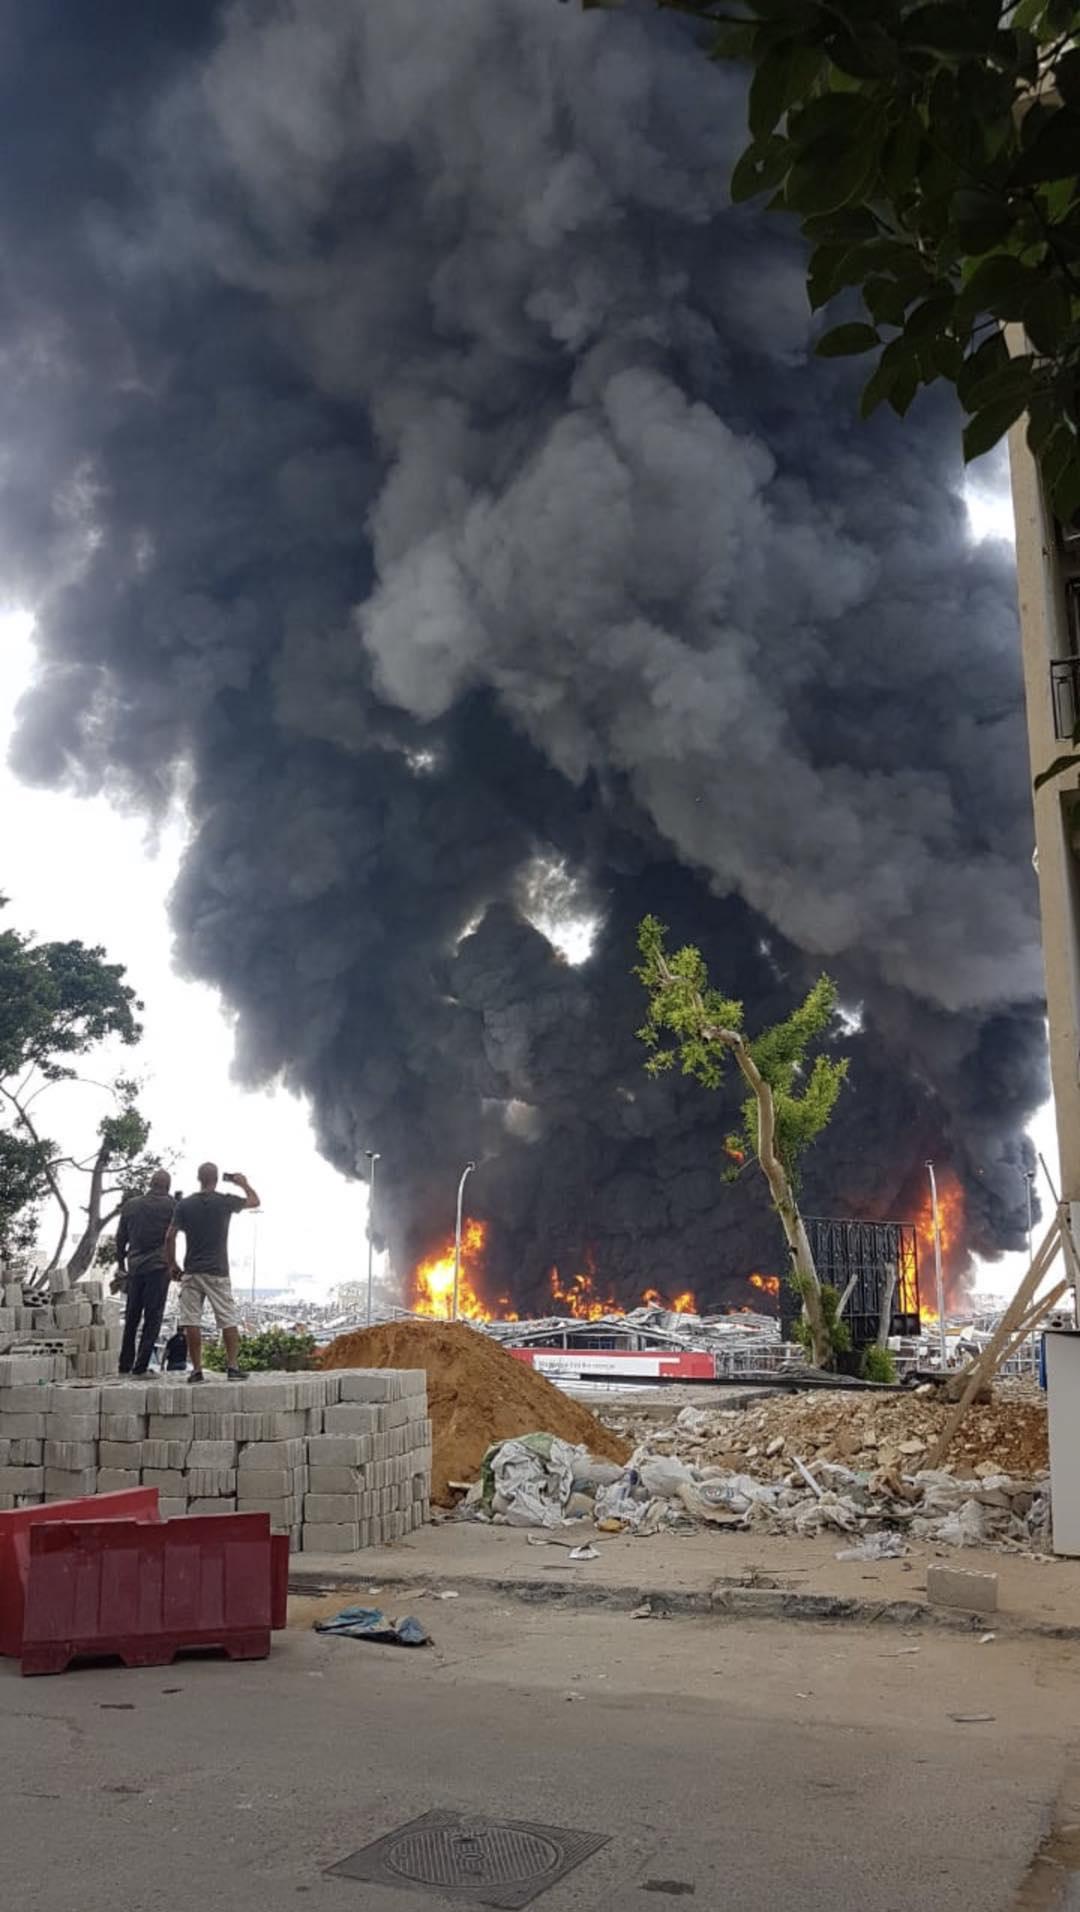 """欧博亚洲:突发!贝鲁特发生大火""""引恐慌"""",橙色火焰从地面一跃而起 第1张"""